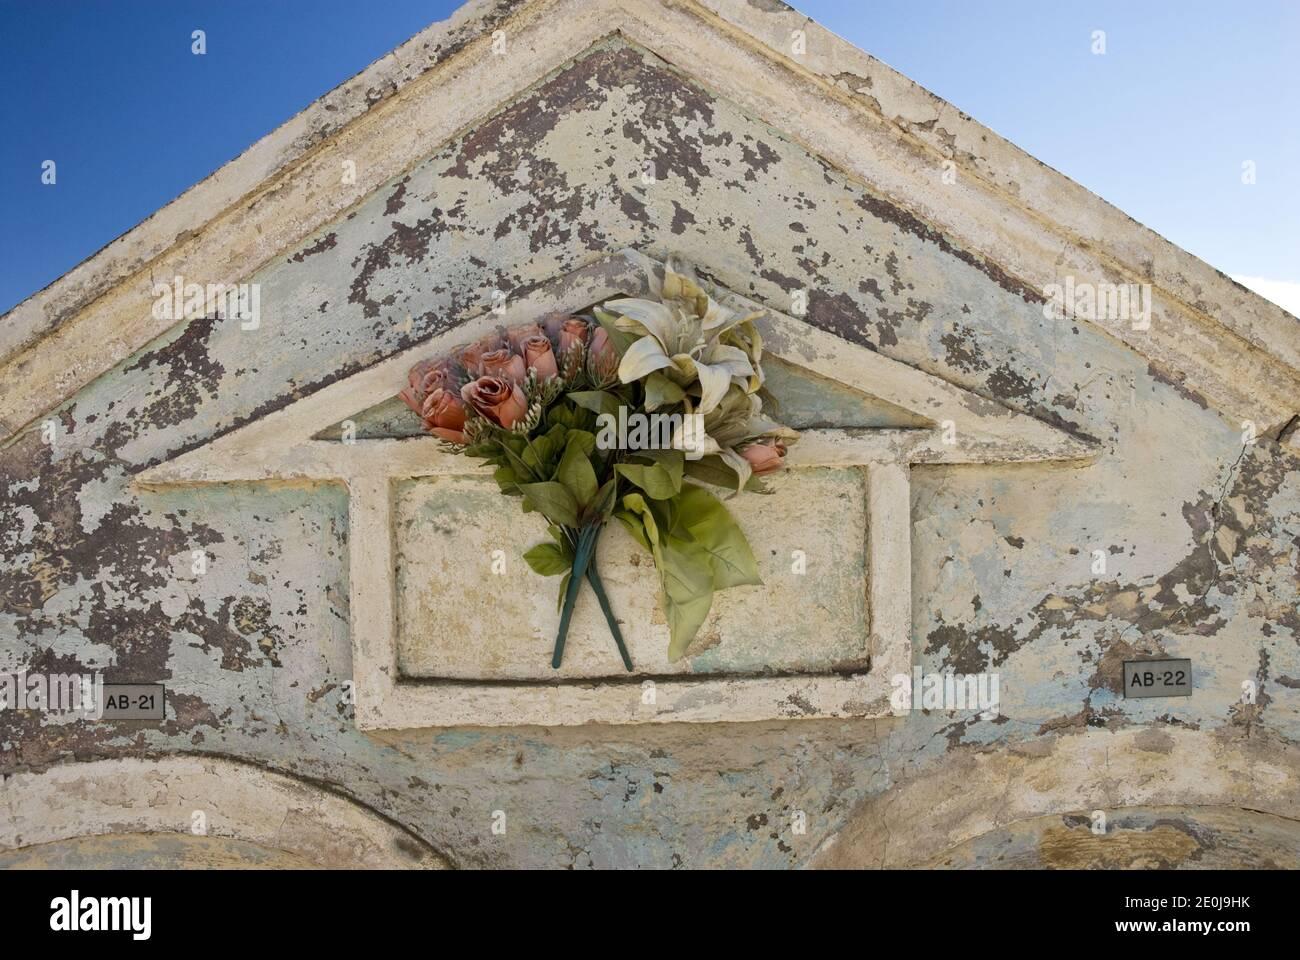 Blumen schmücken Krypten auf dem Friedhof neben der historischen und bunten St. Anna's Catholic Church, Noord, Aruba. Stockfoto